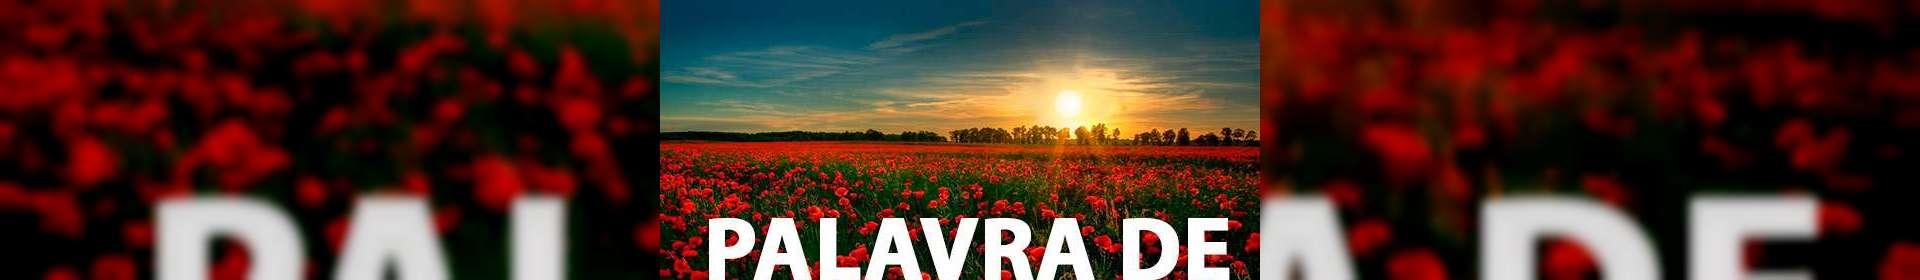 Salmos 126 - Uma Palavra de Esperança para sua vida